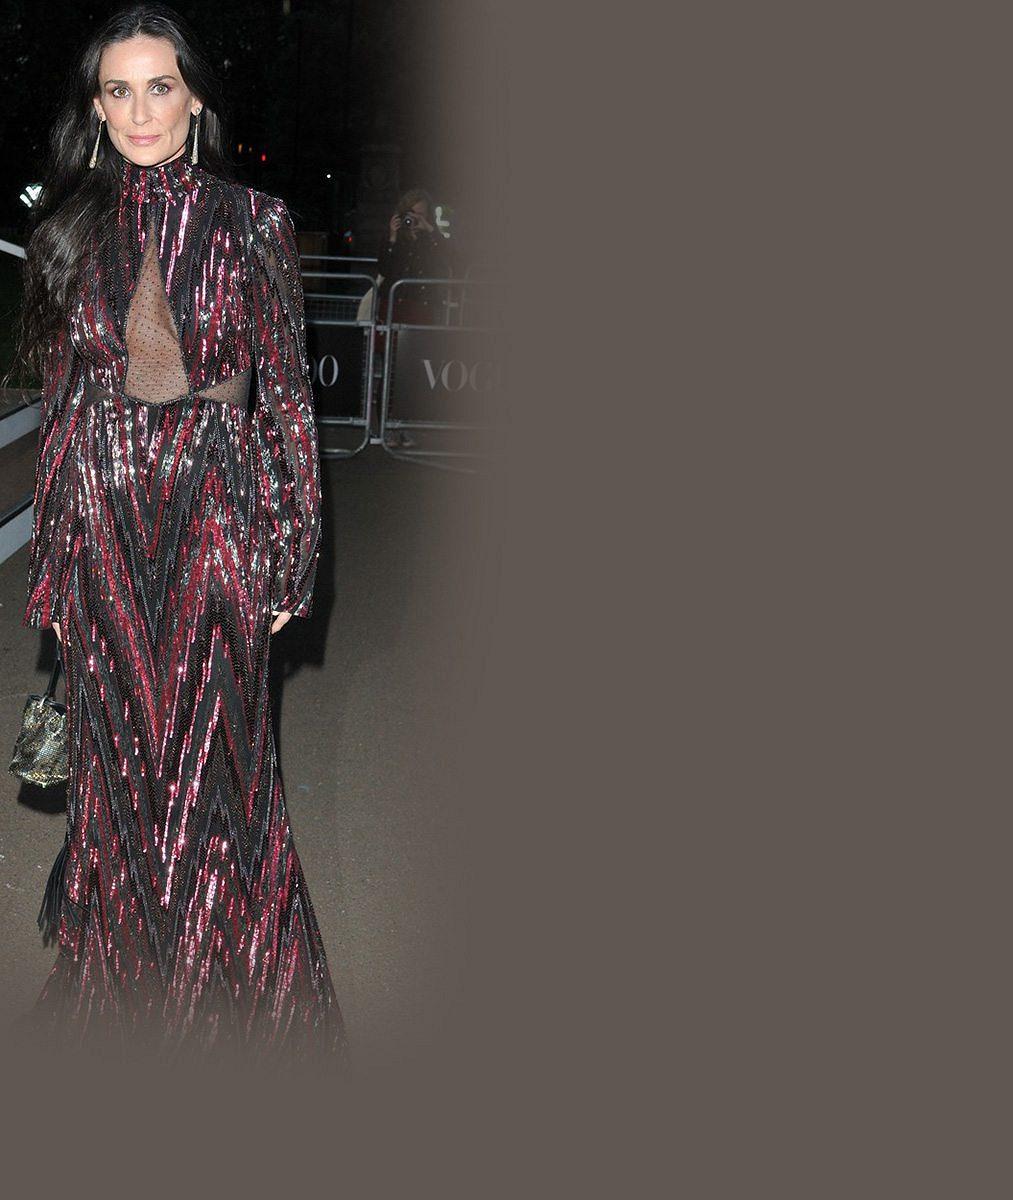 Božská Demi Moore (53)! Striptýz by si mohla dovolit natáčet snad i dnes